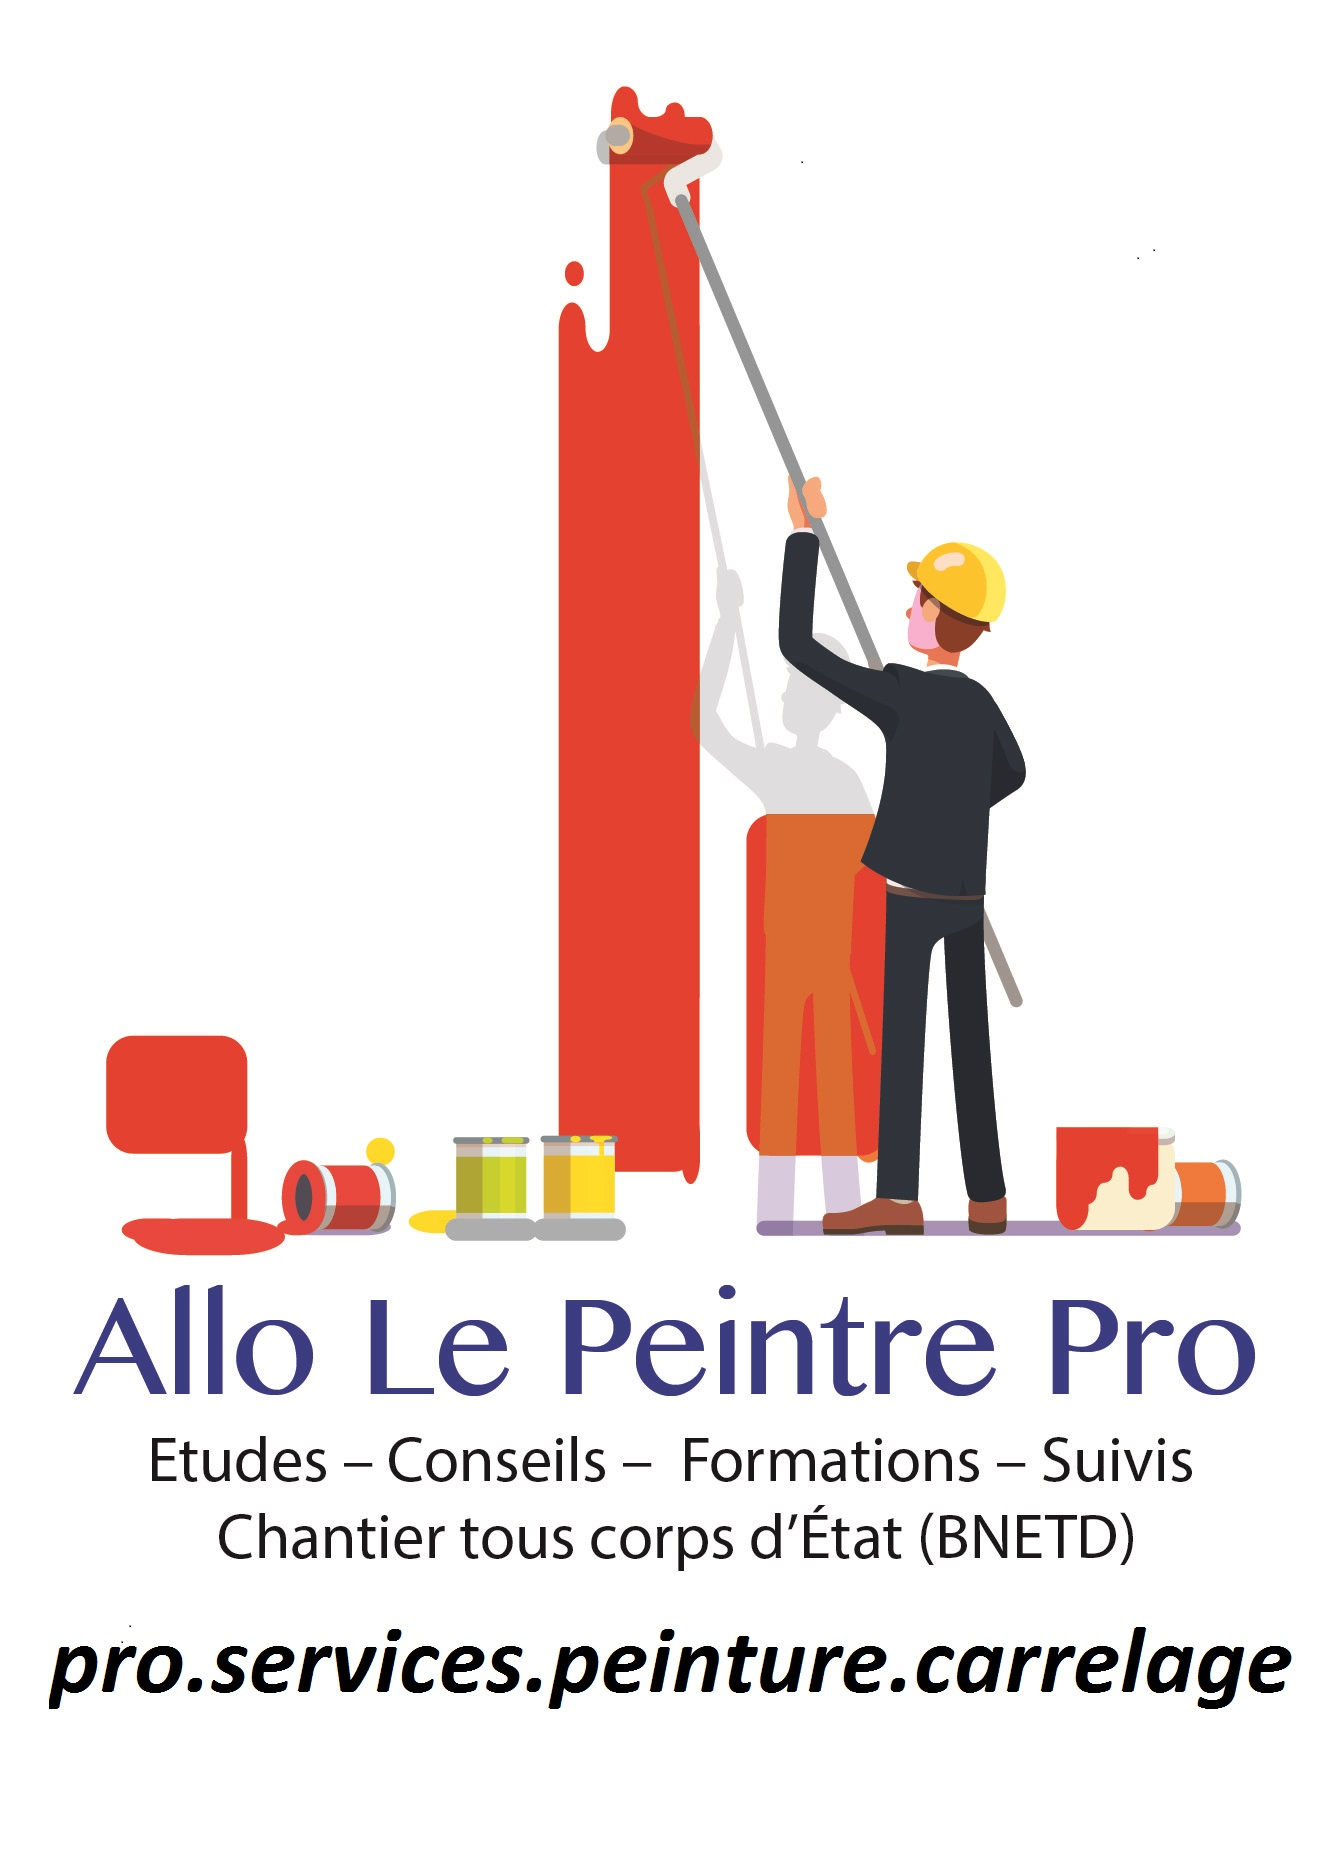 Logo de Pro Services 86 Peinture - Carrelage, société de travaux en Fourniture et pose de carrelage